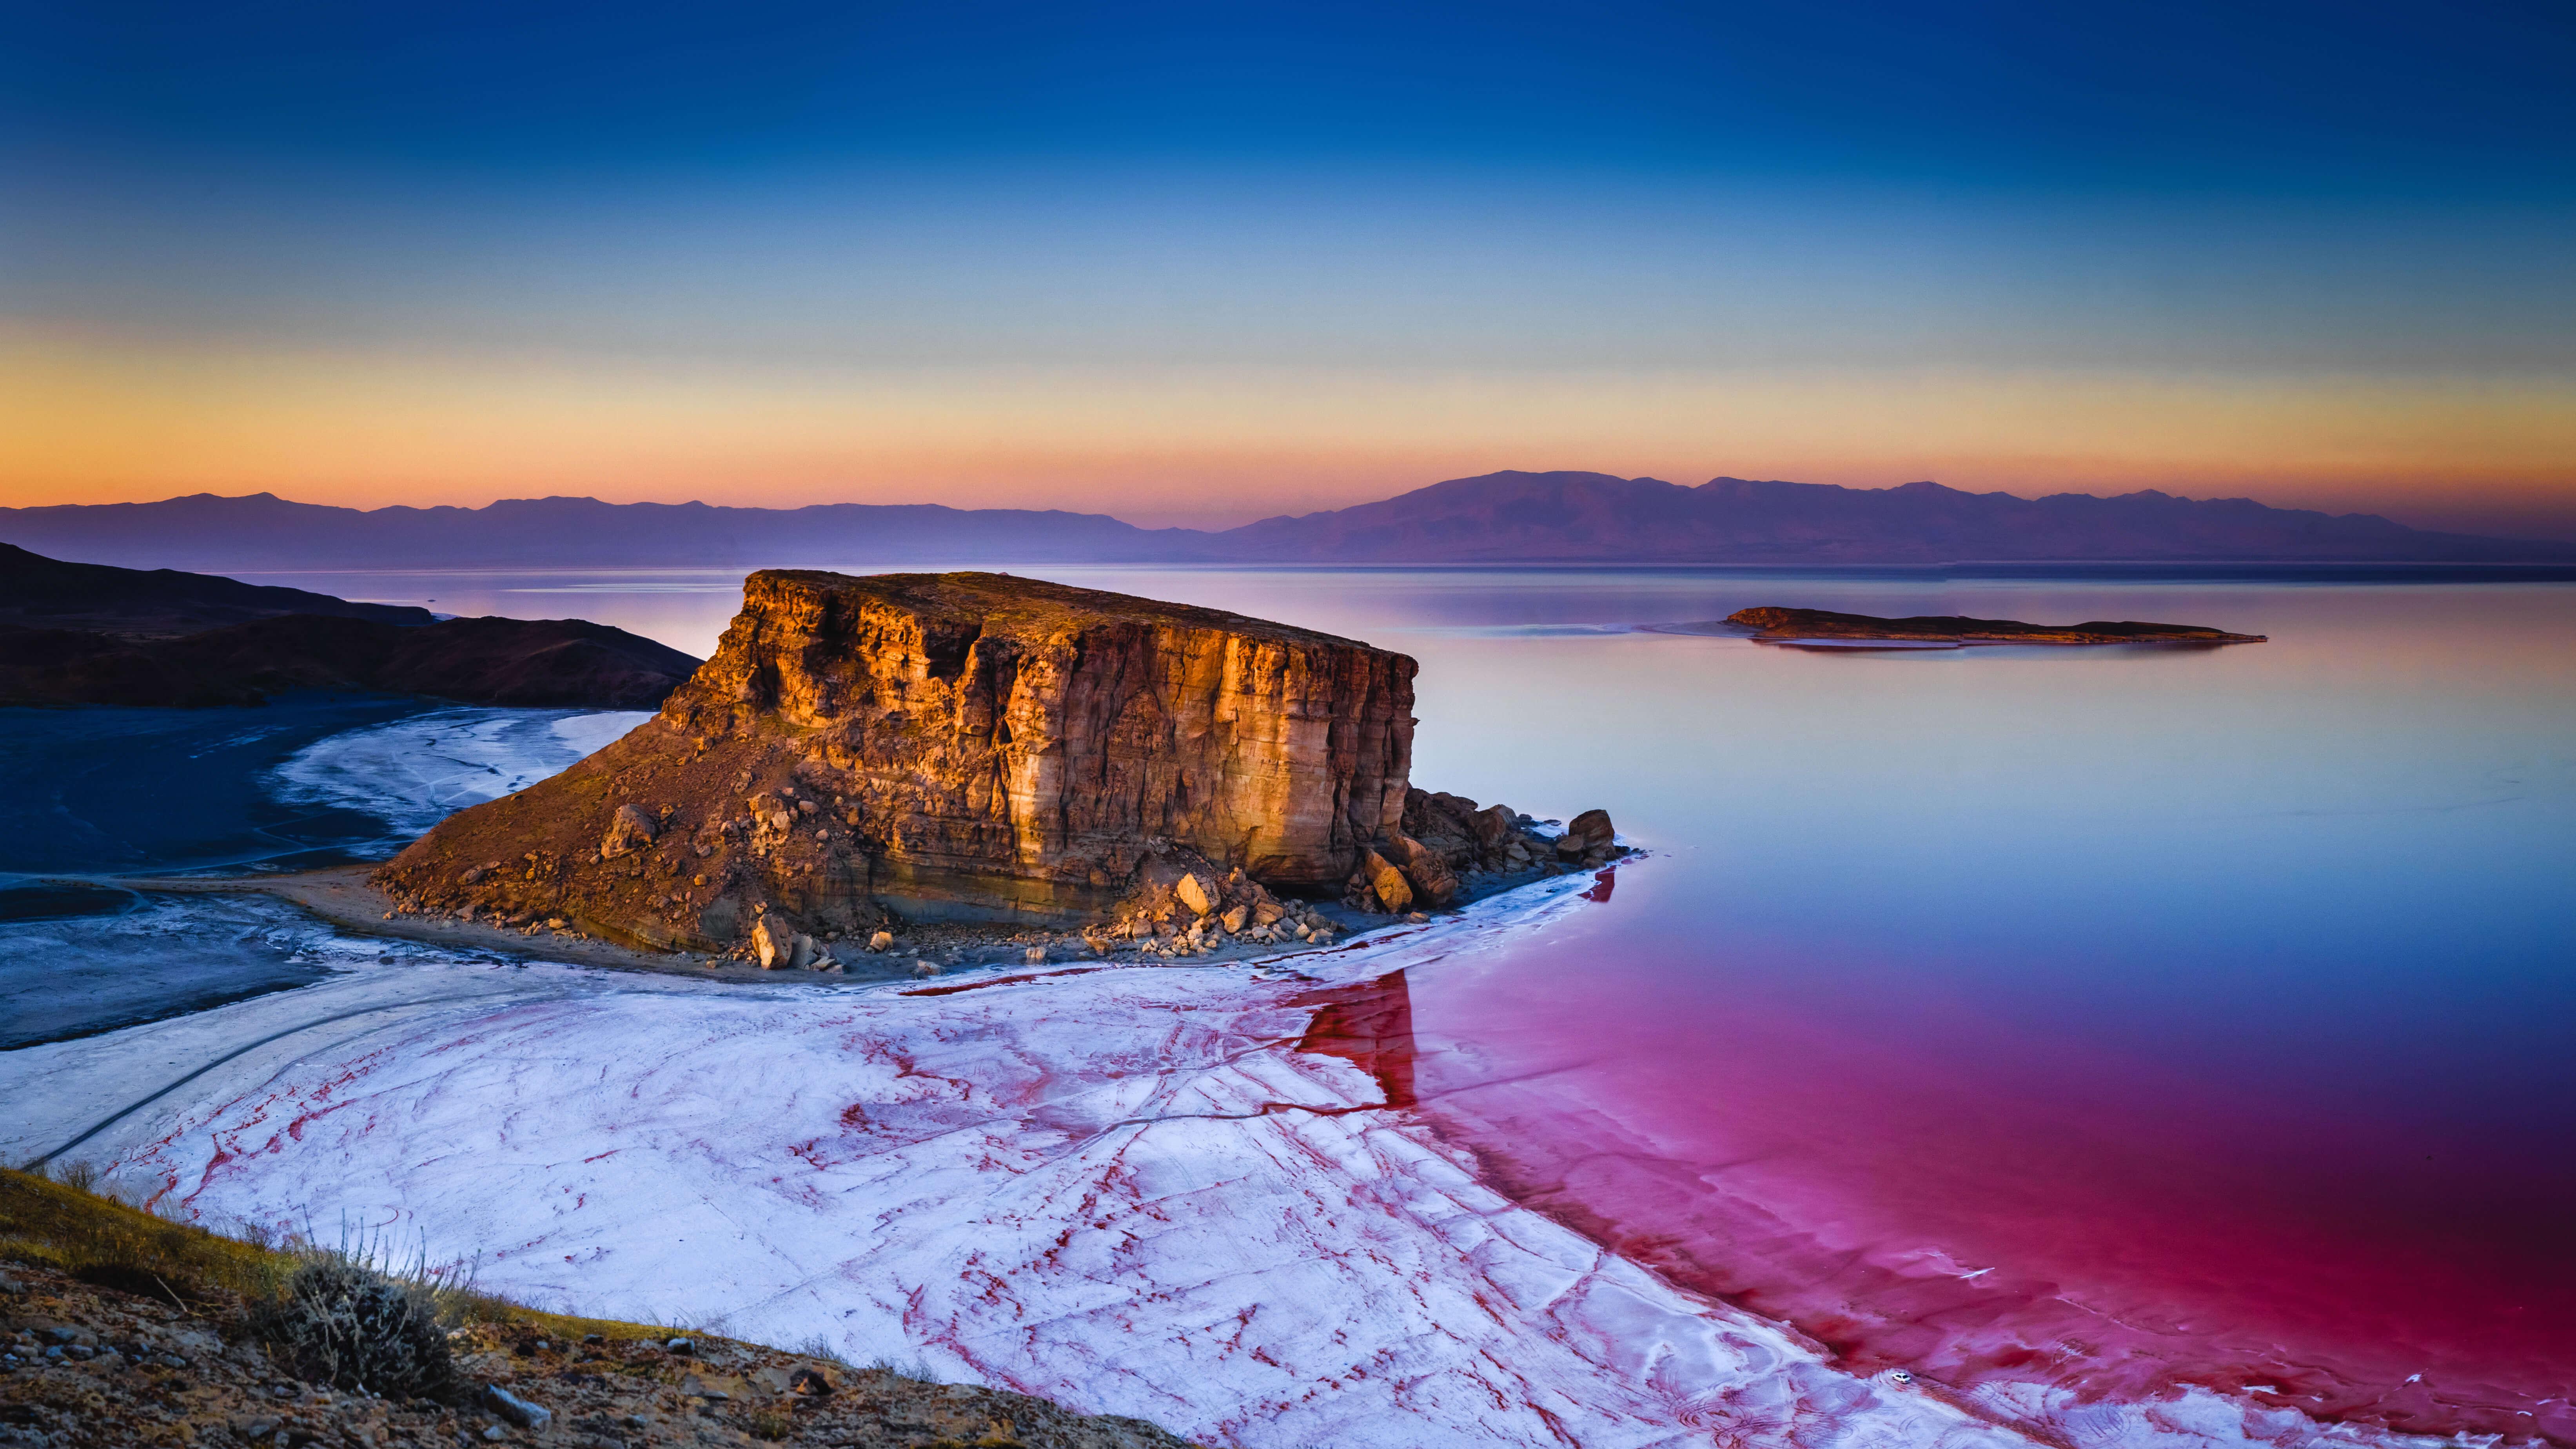 Fondos de pantalla Amanecer en la playa convirtiendose rosa